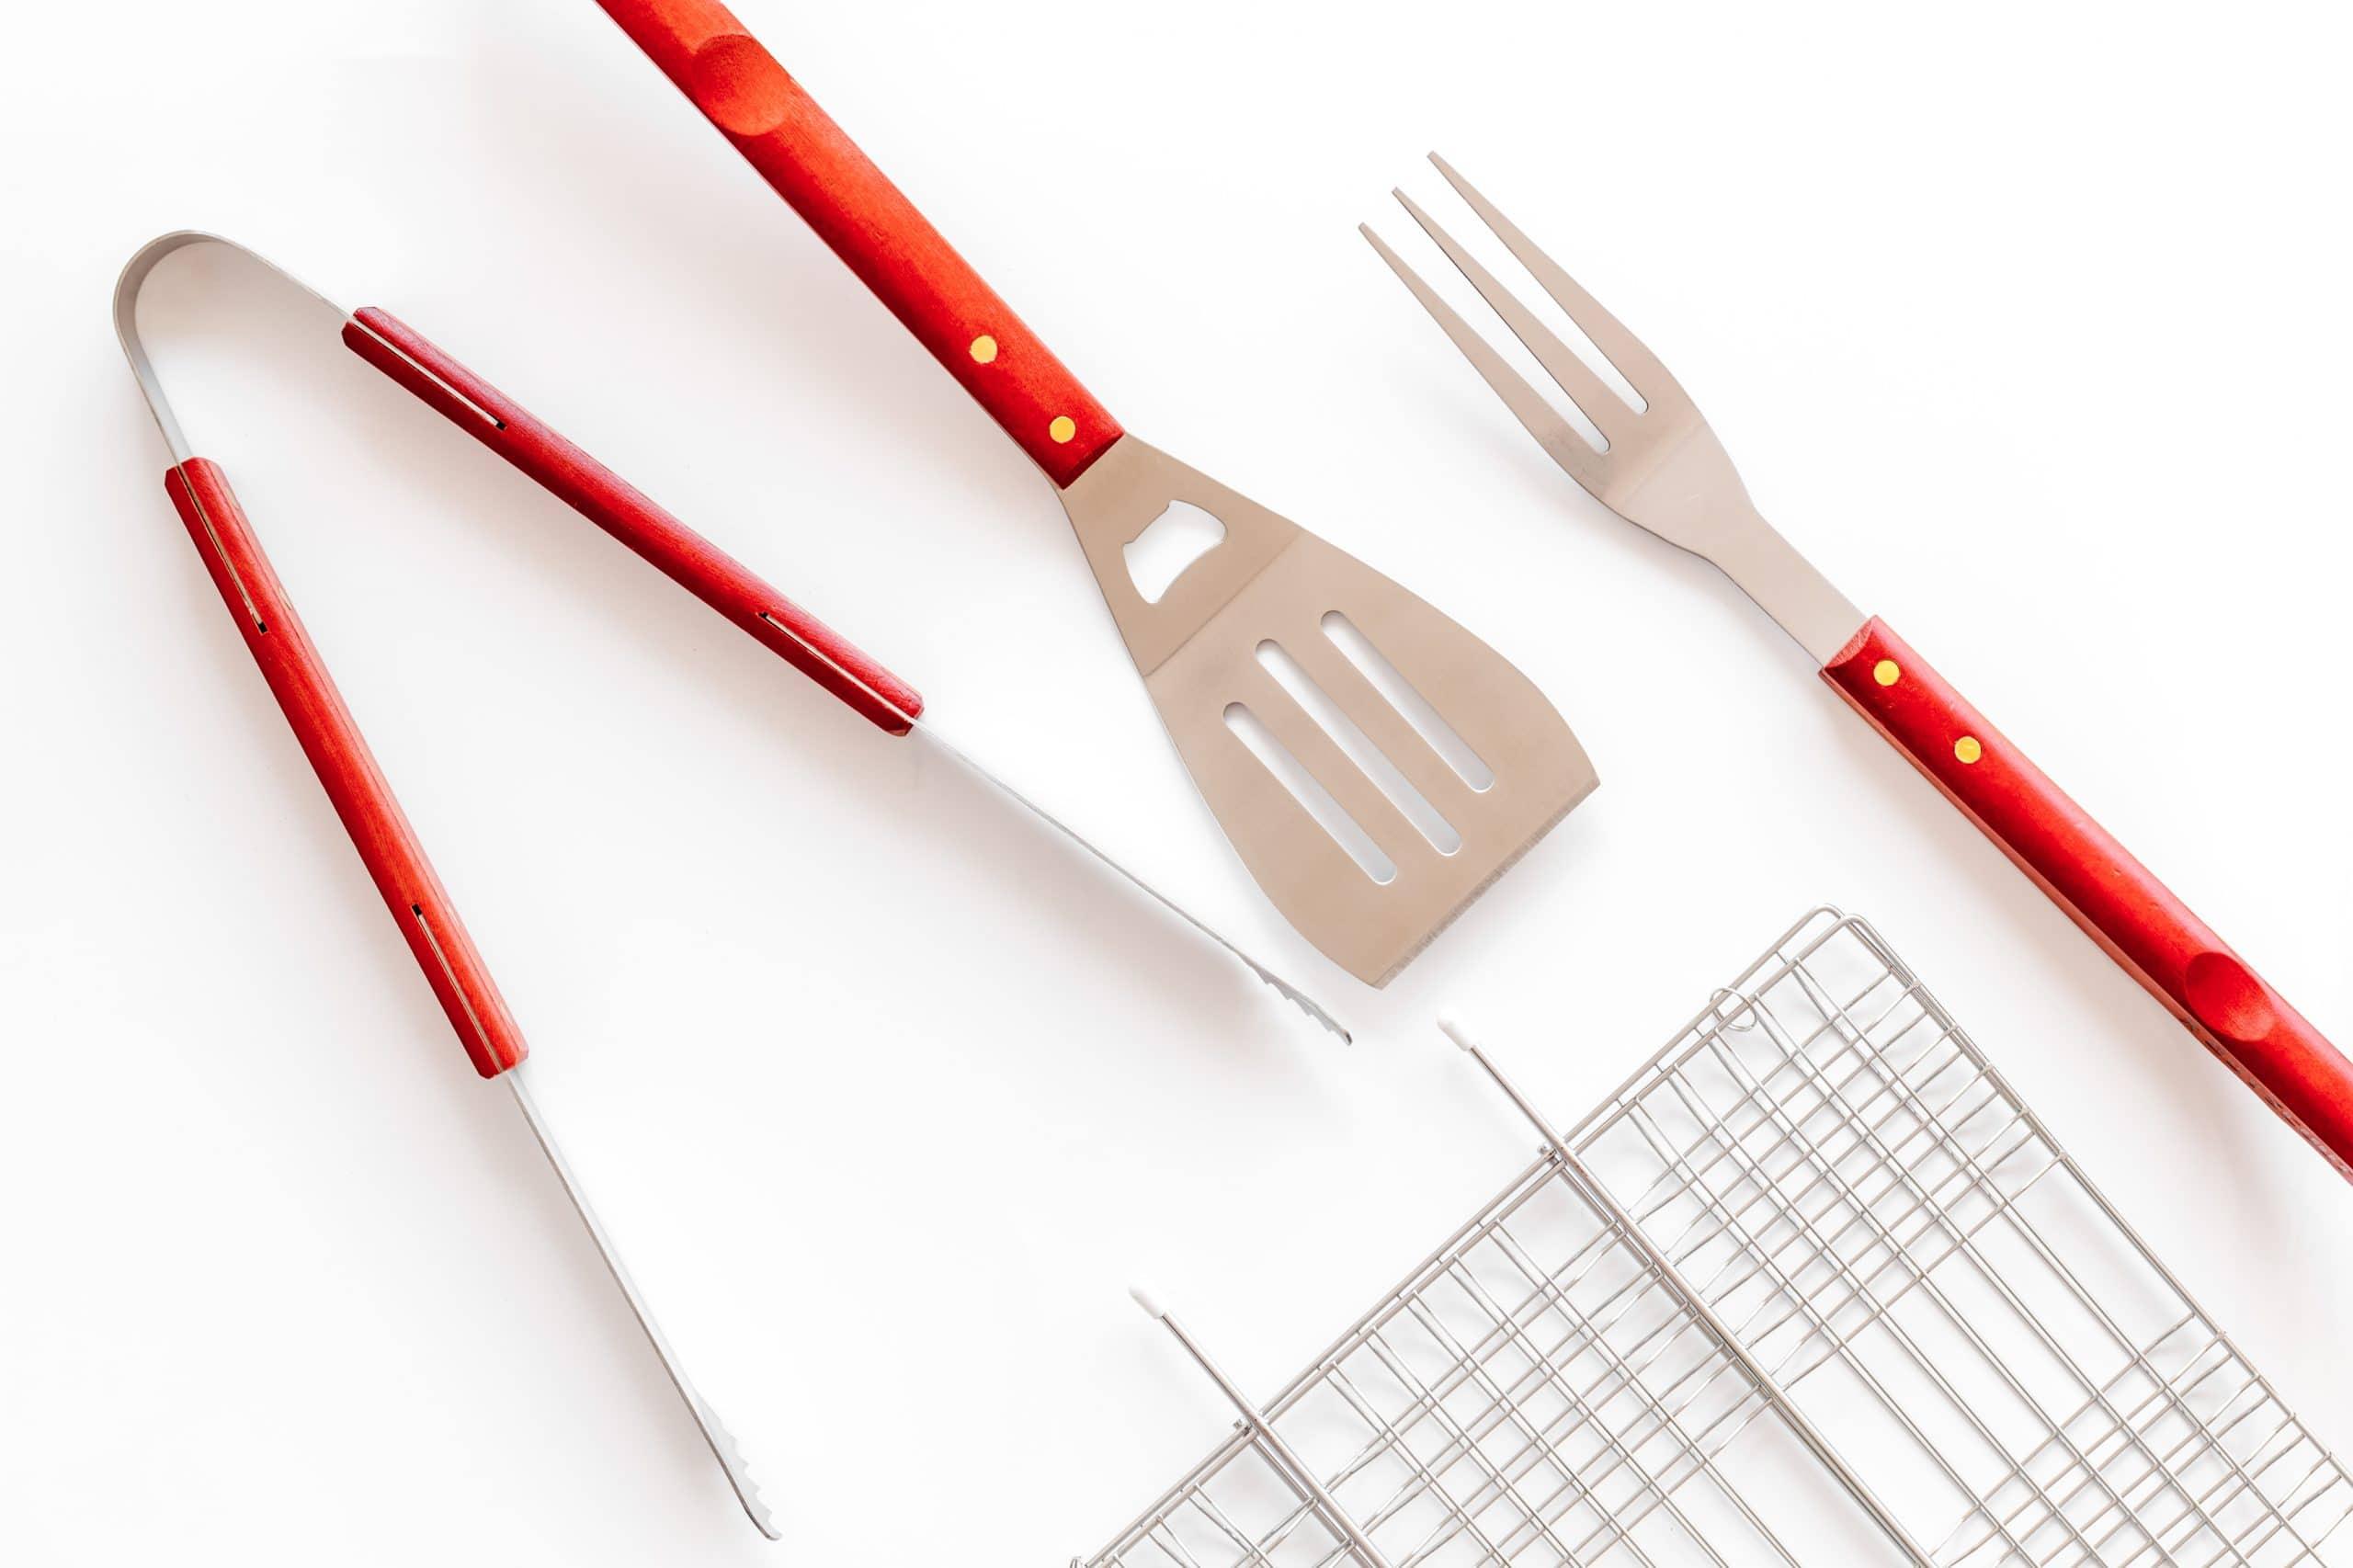 Tongs, spatula and fork